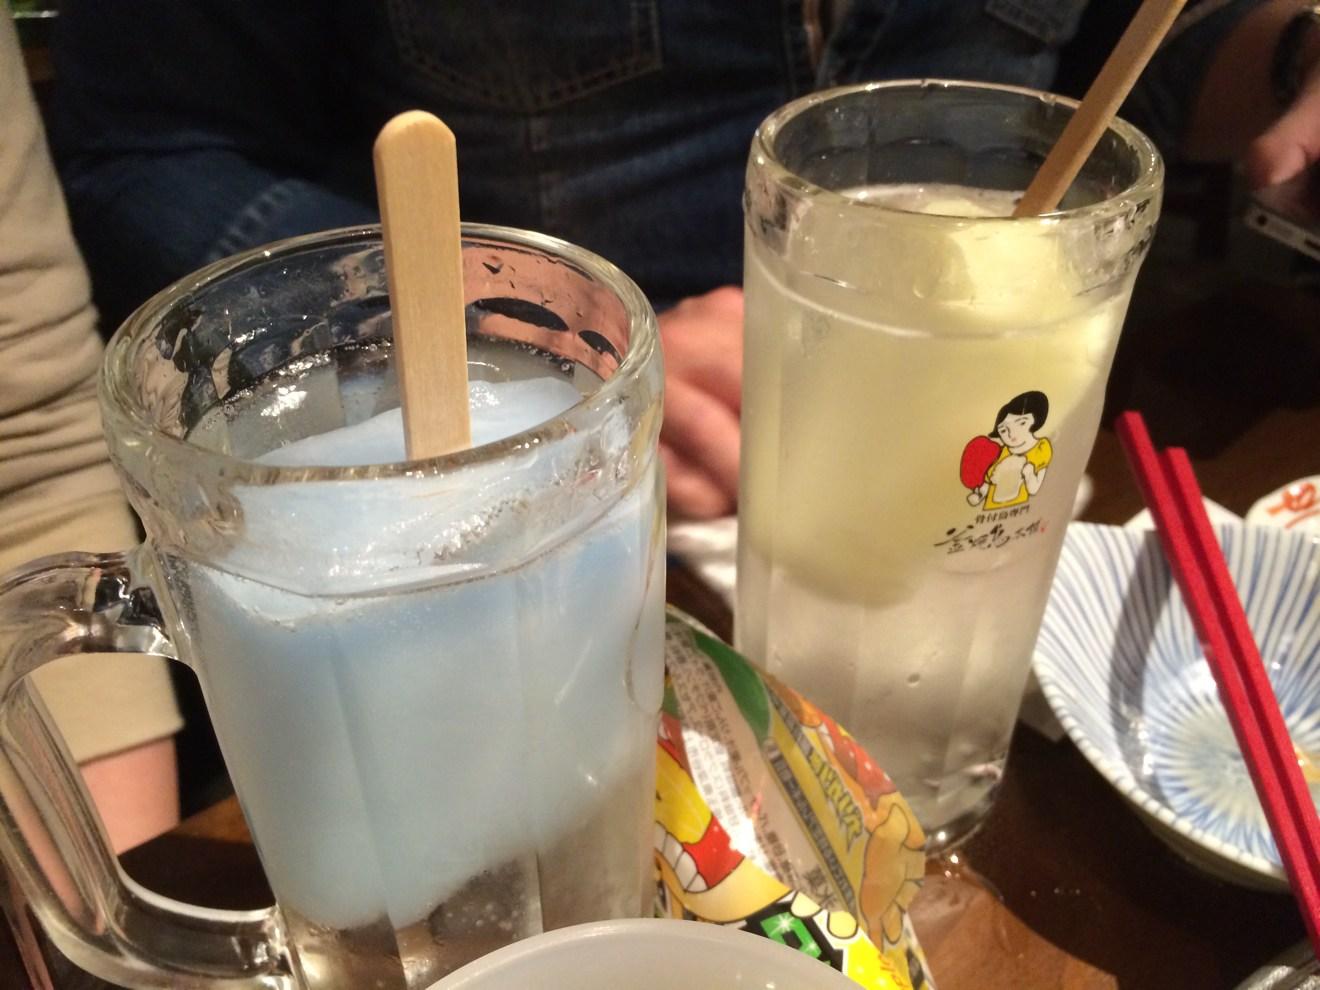 パインとソーダのガリガリ君チューハイ完成!